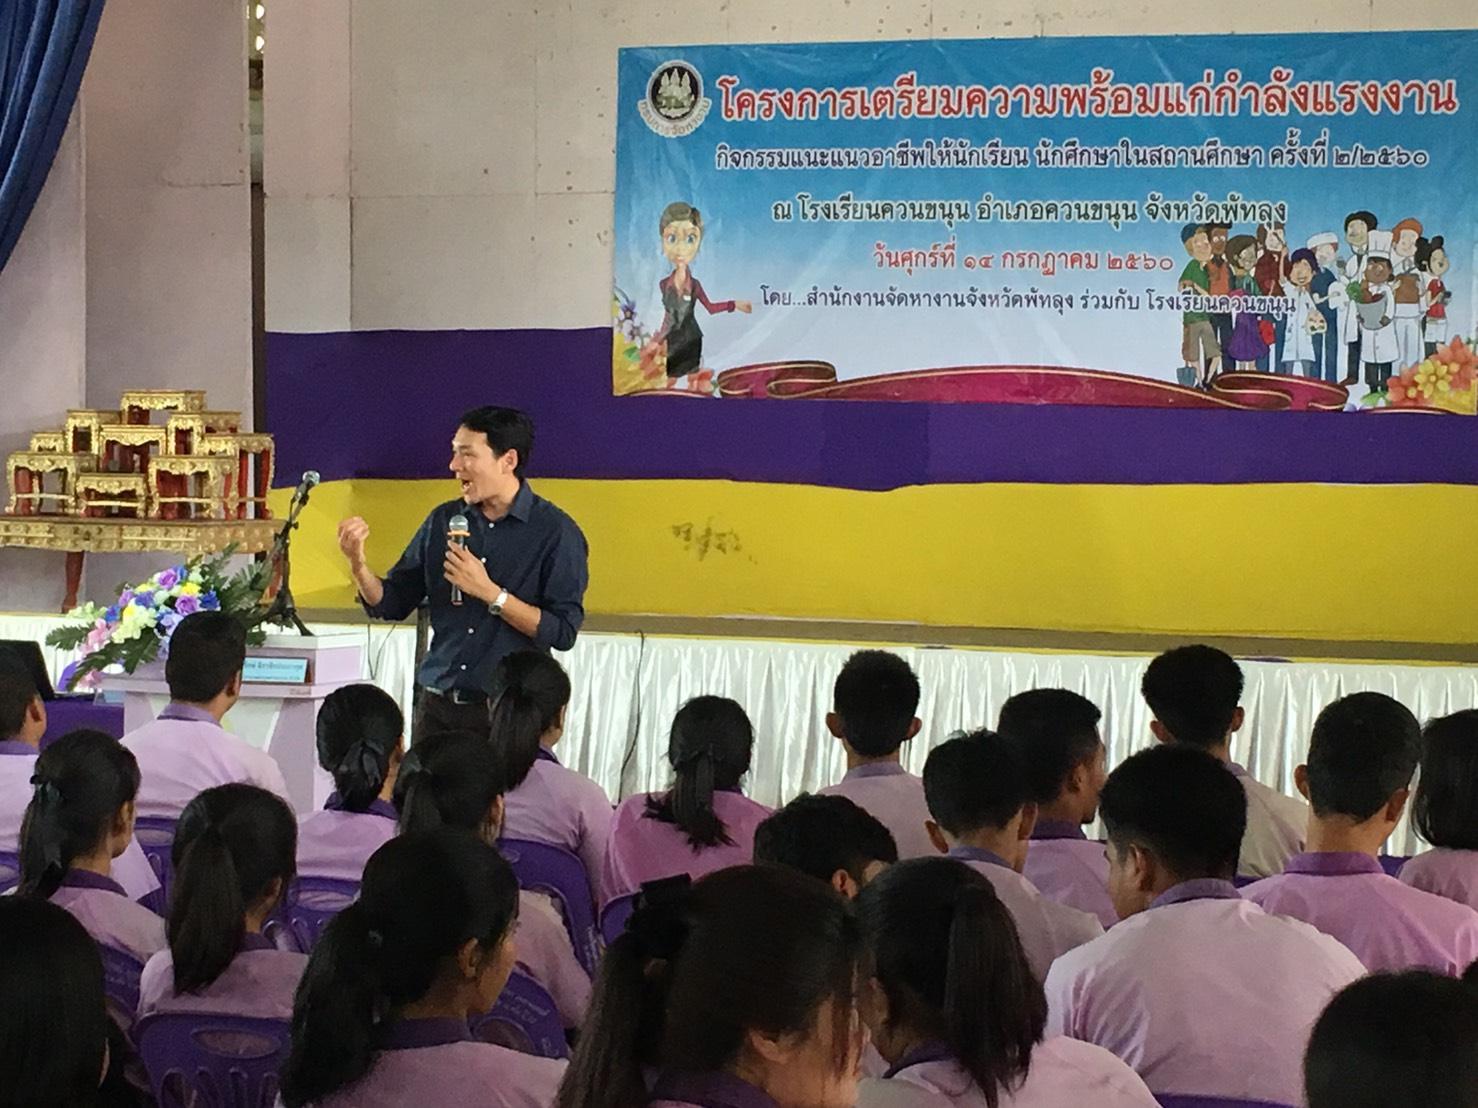 กิจกรรมแนะแนวอาชีพให้นักเรียน นักศึกษา ในสถานศึกษา ครั้งที่ 2/2560